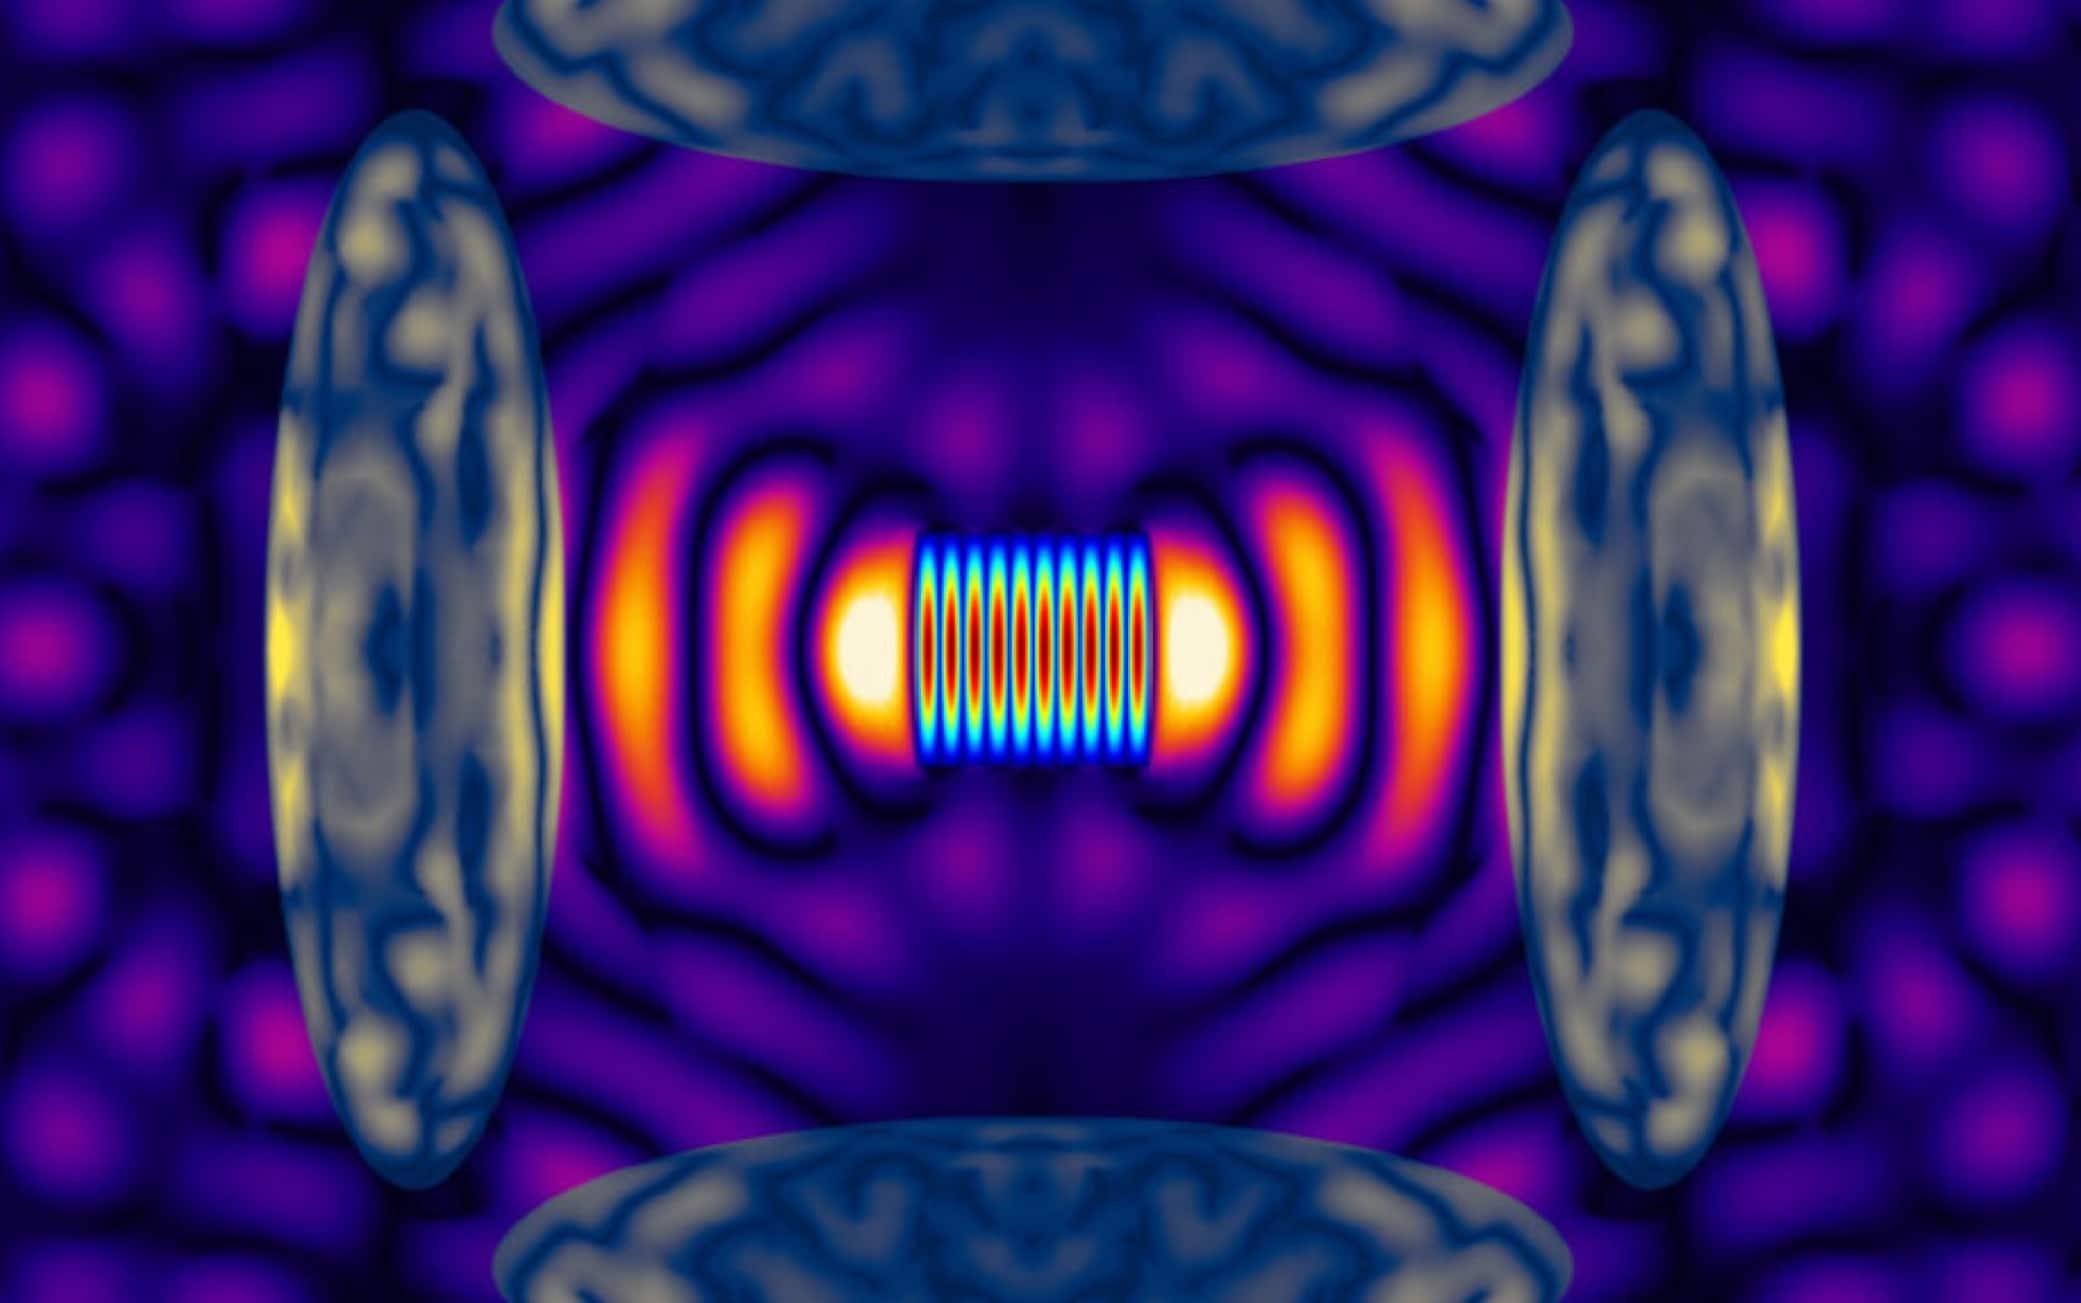 Le onde del termometro acustico